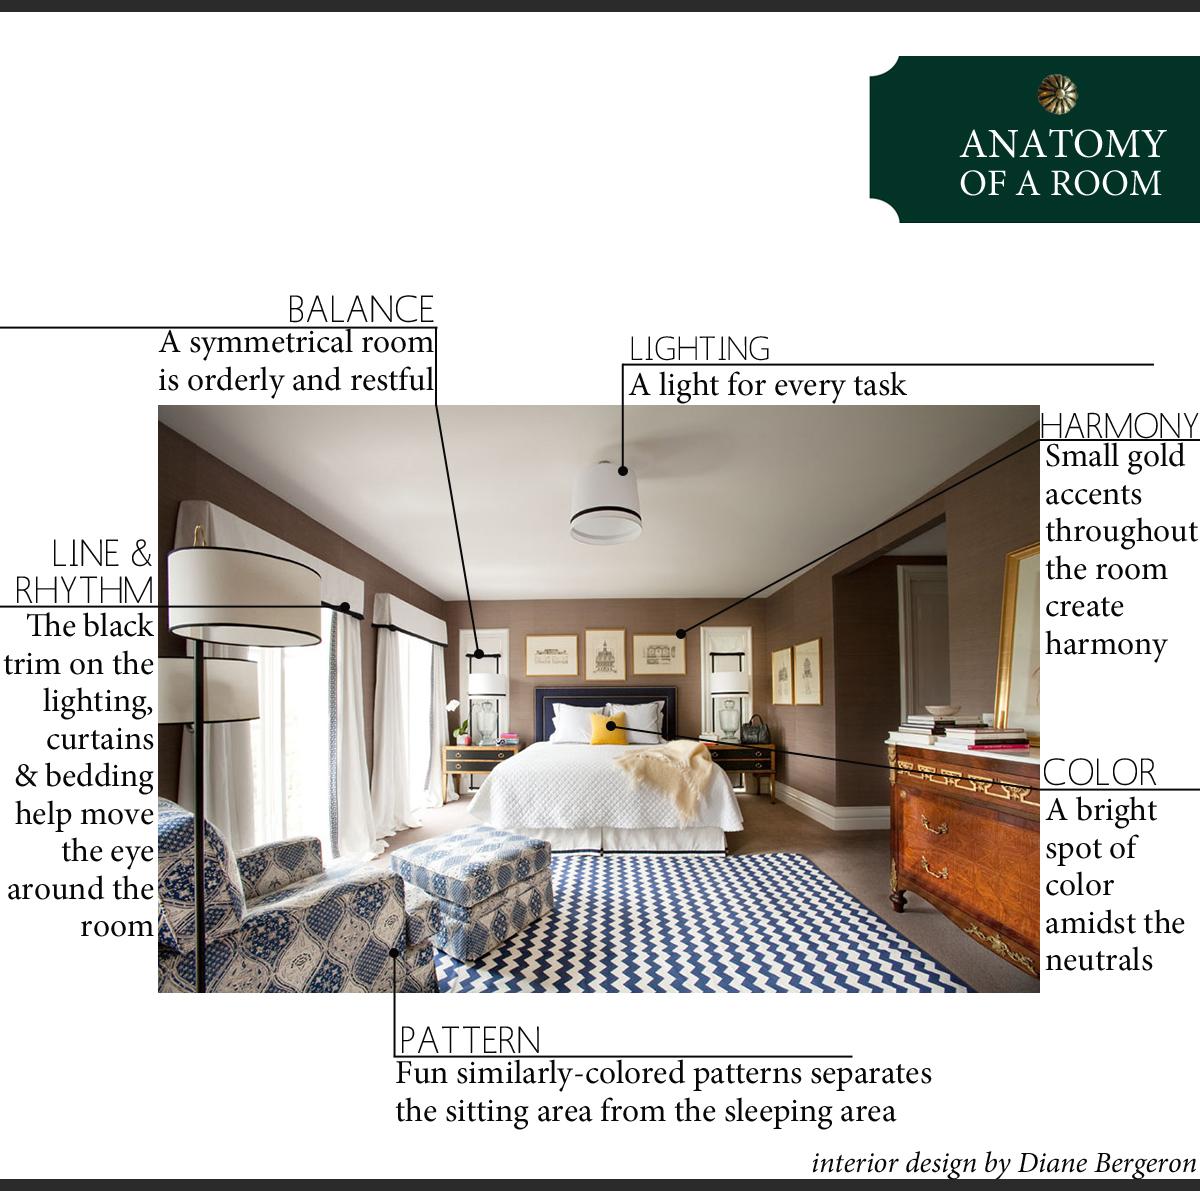 Portfolio interior design diane bergeron interiors - The Anatomy Of A Diane Bergeron Room Copy